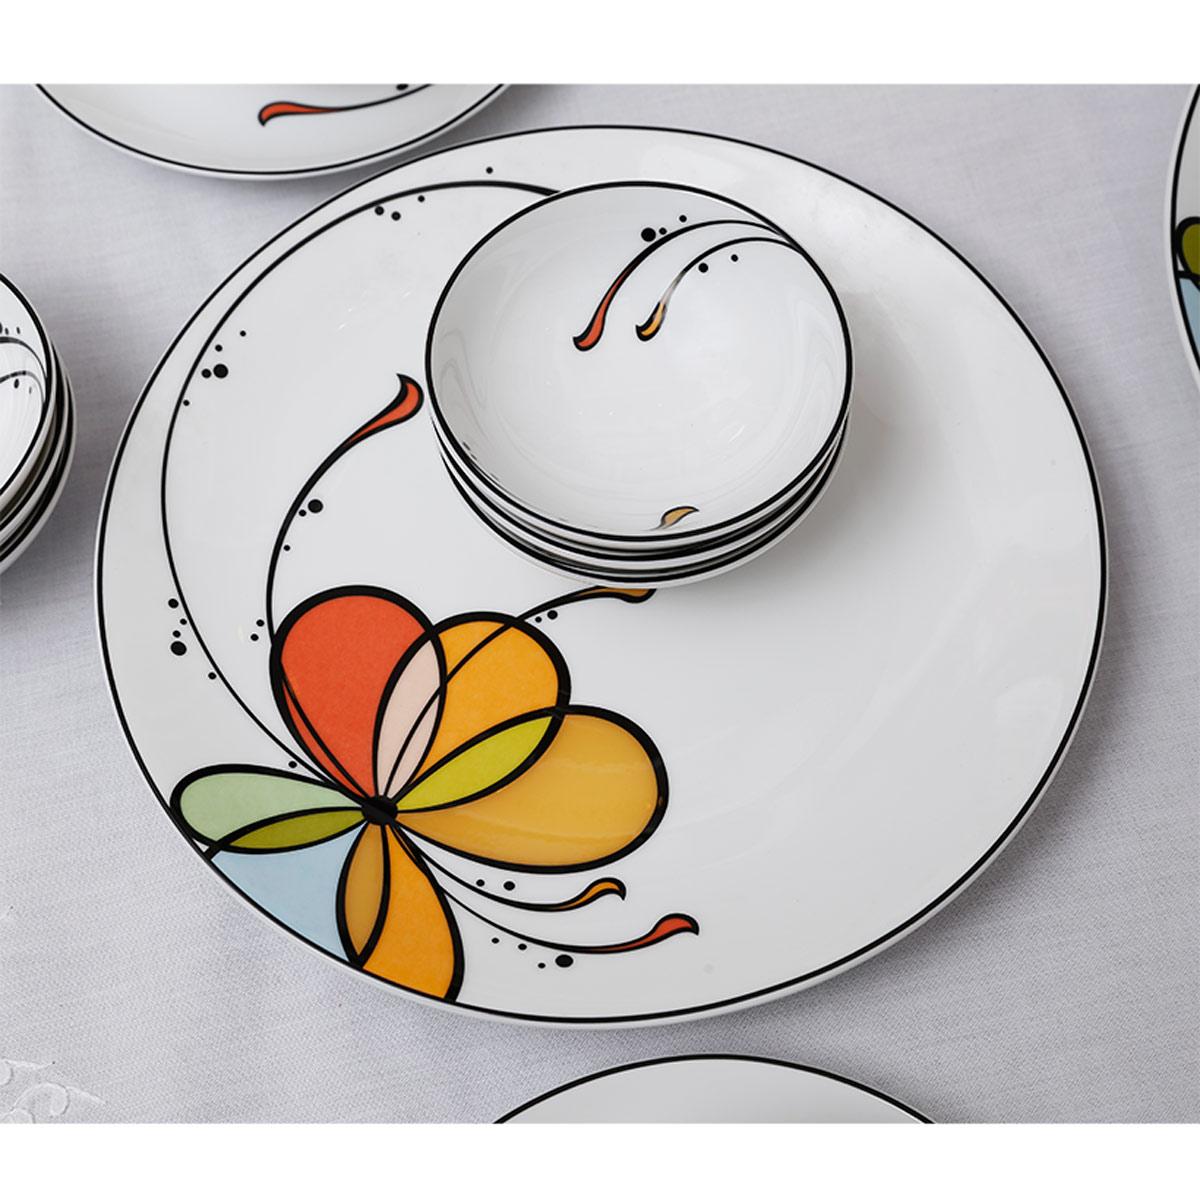 Bộ chén dĩa bàn ăn – Daisy – Bóng bay (6 người) - MNV-24312